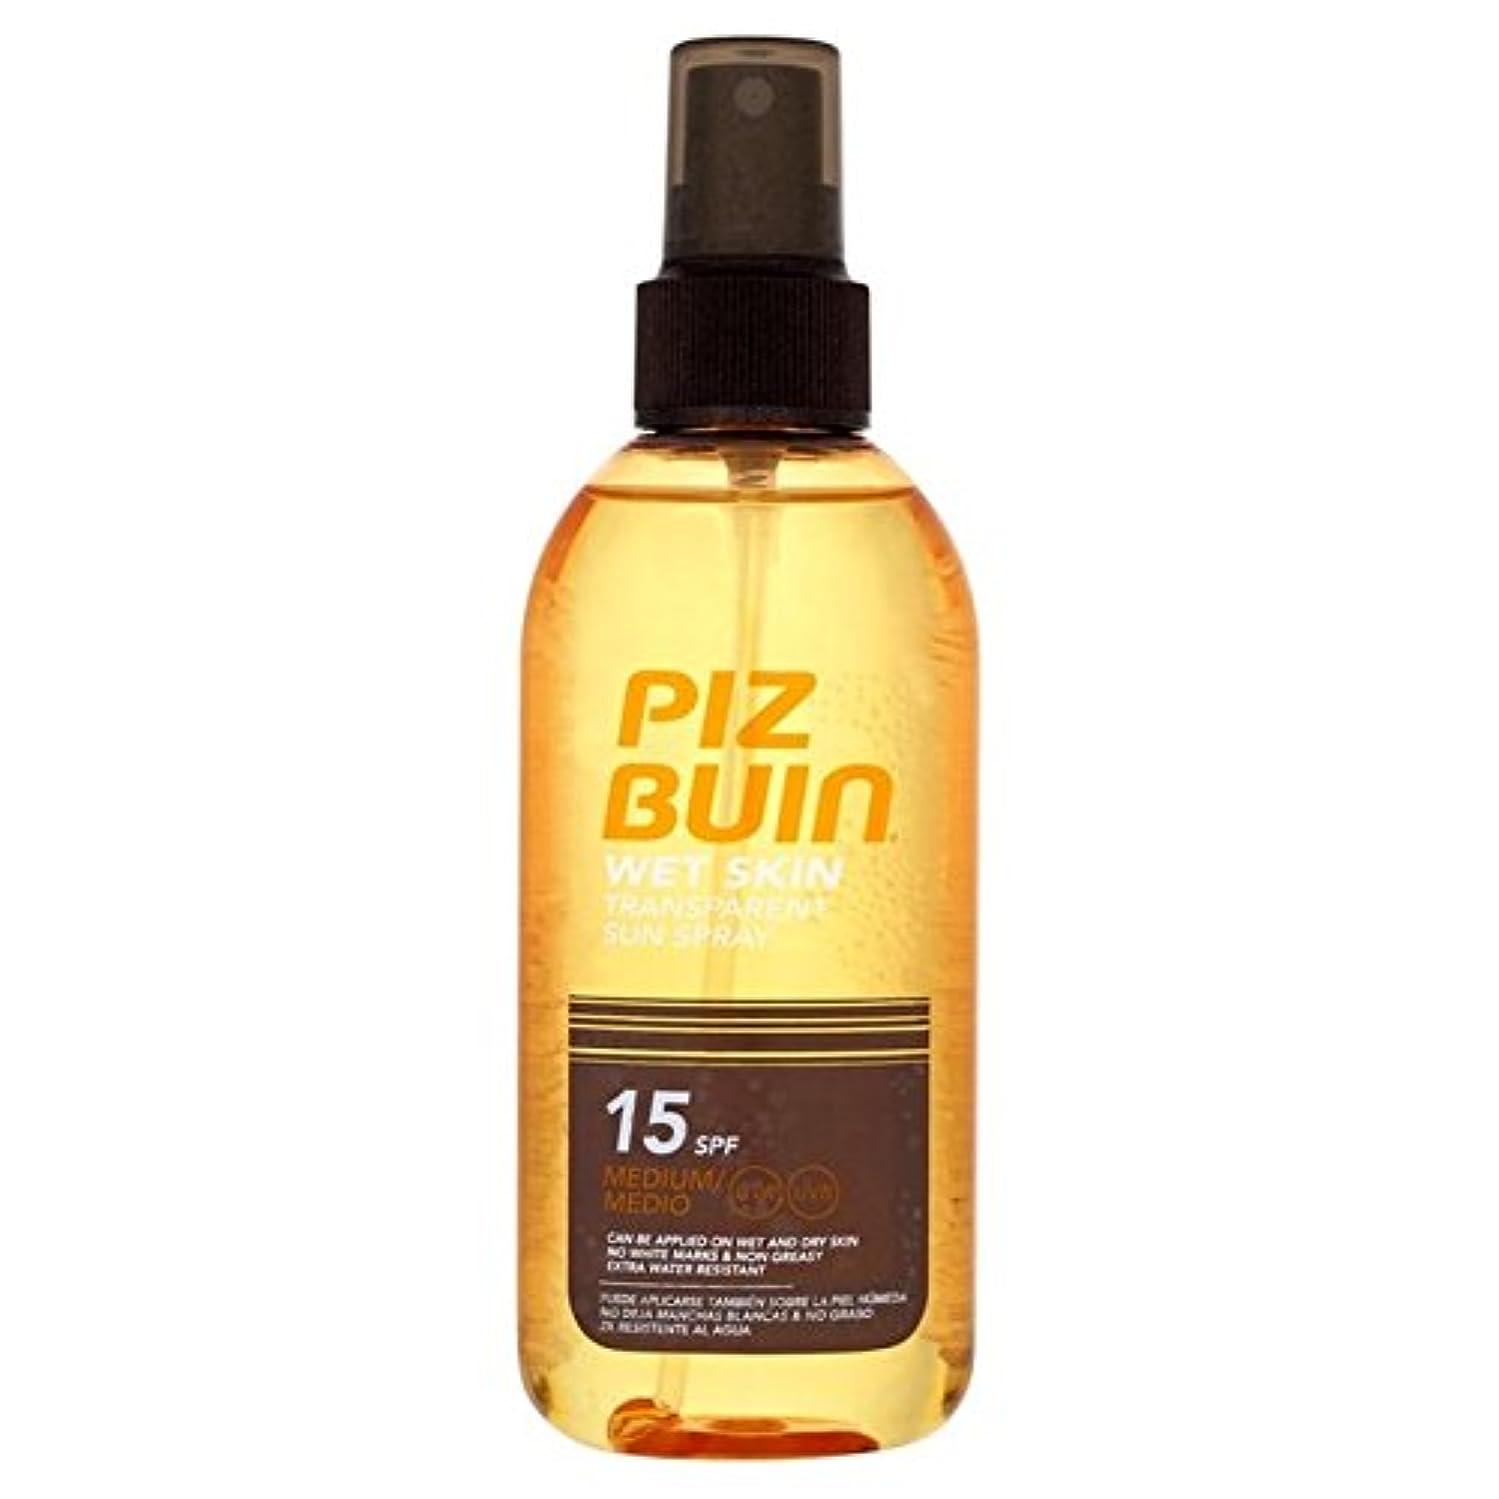 自信がある写真ストレッチPiz Buin Wet Transparent Skin SPF15 150ml (Pack of 6) - ピッツブーインの湿った透明肌15の150ミリリットル x6 [並行輸入品]